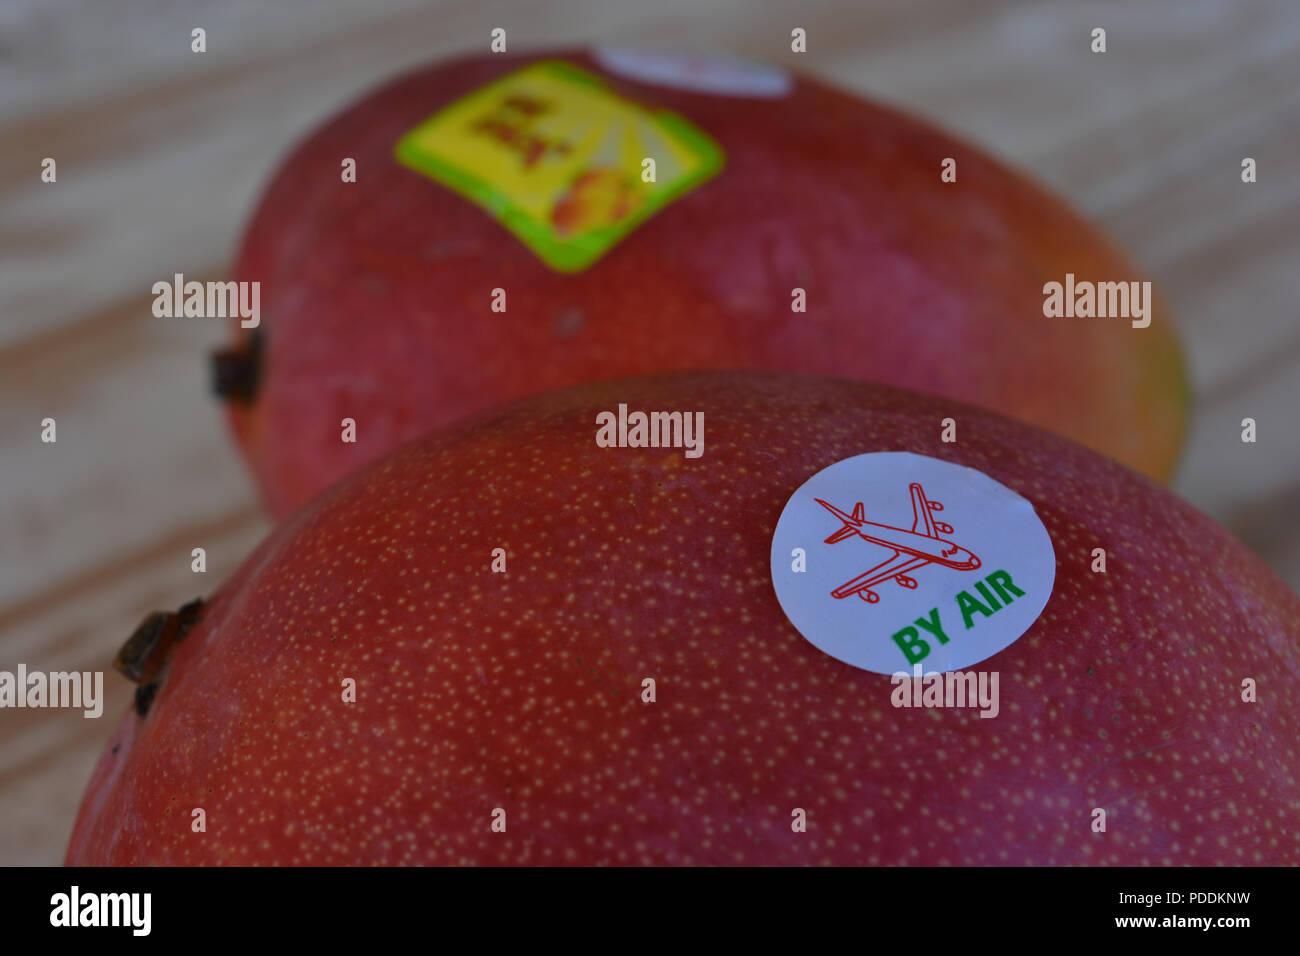 In aereo adesivo sul mango fresco frutta in un supermercato UK. Immagine concettuale, emissioni di anidride carbonica. Immagini Stock